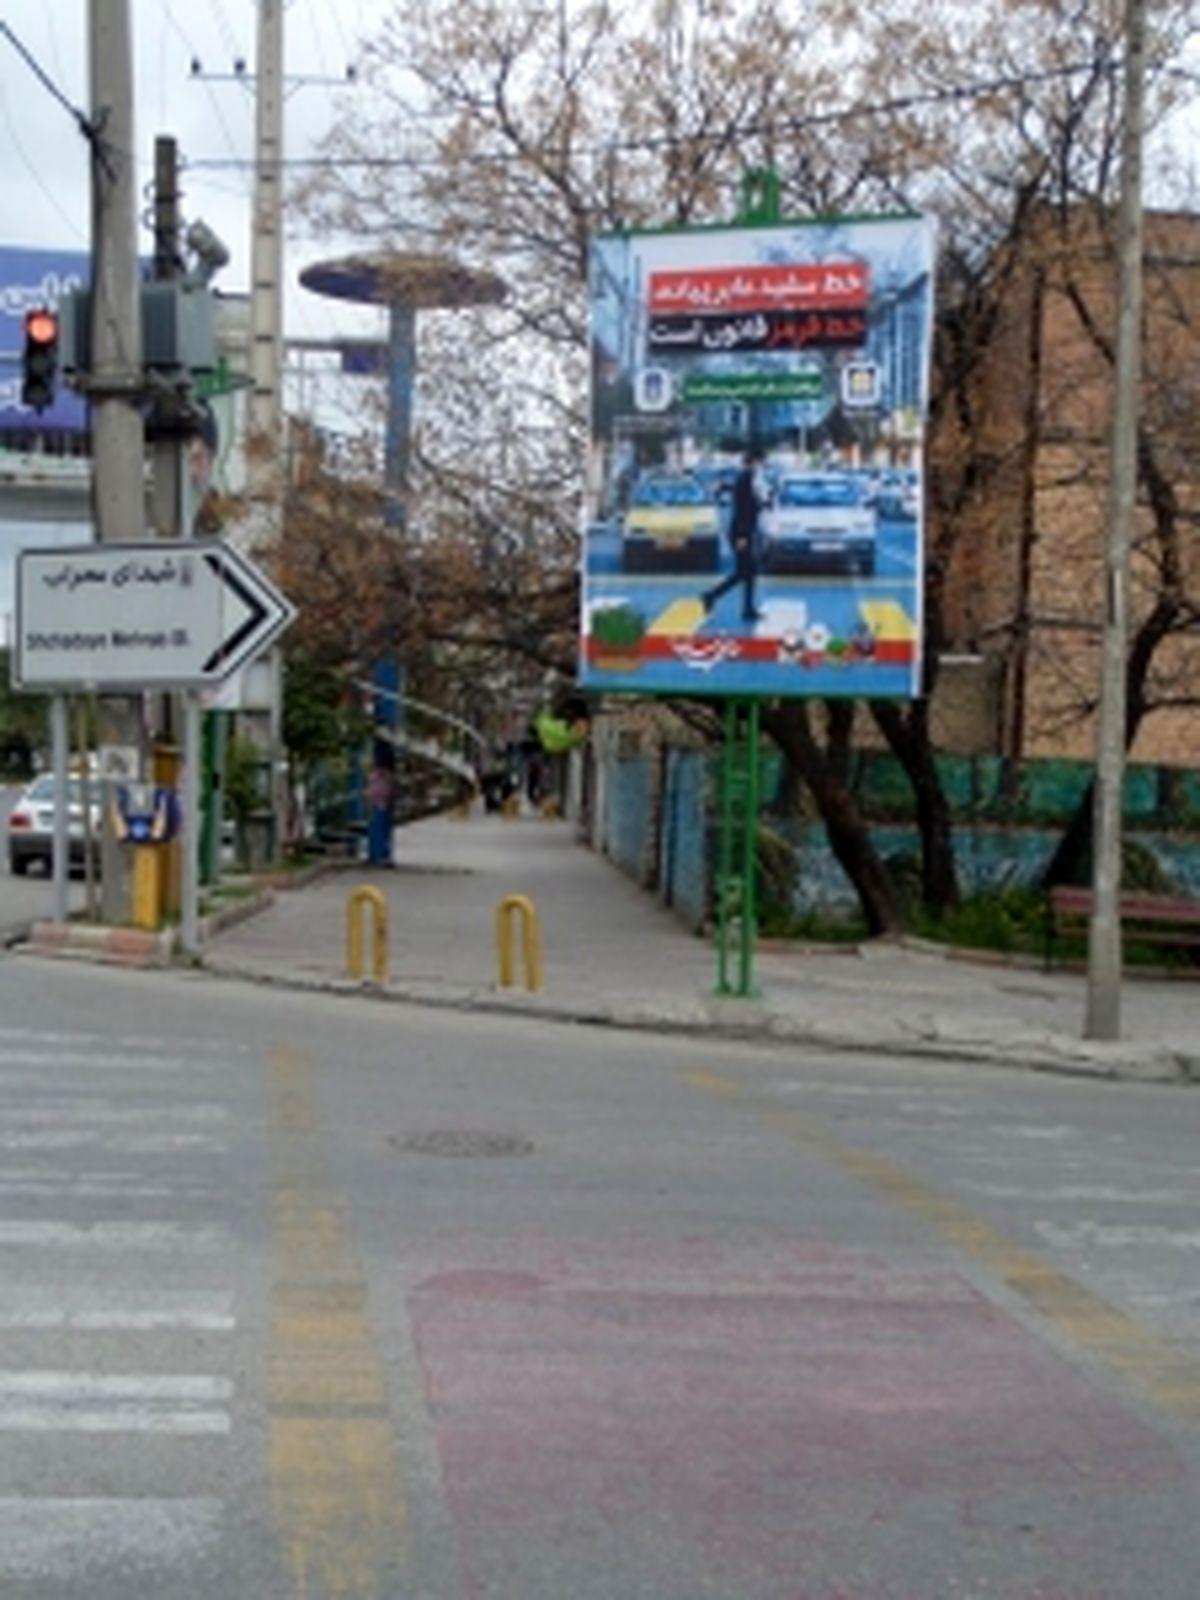 تبلیغات محیطی بیمه پاسارگاد جهت آموزش و تبلیغات کاهش تصادفات در مازندران